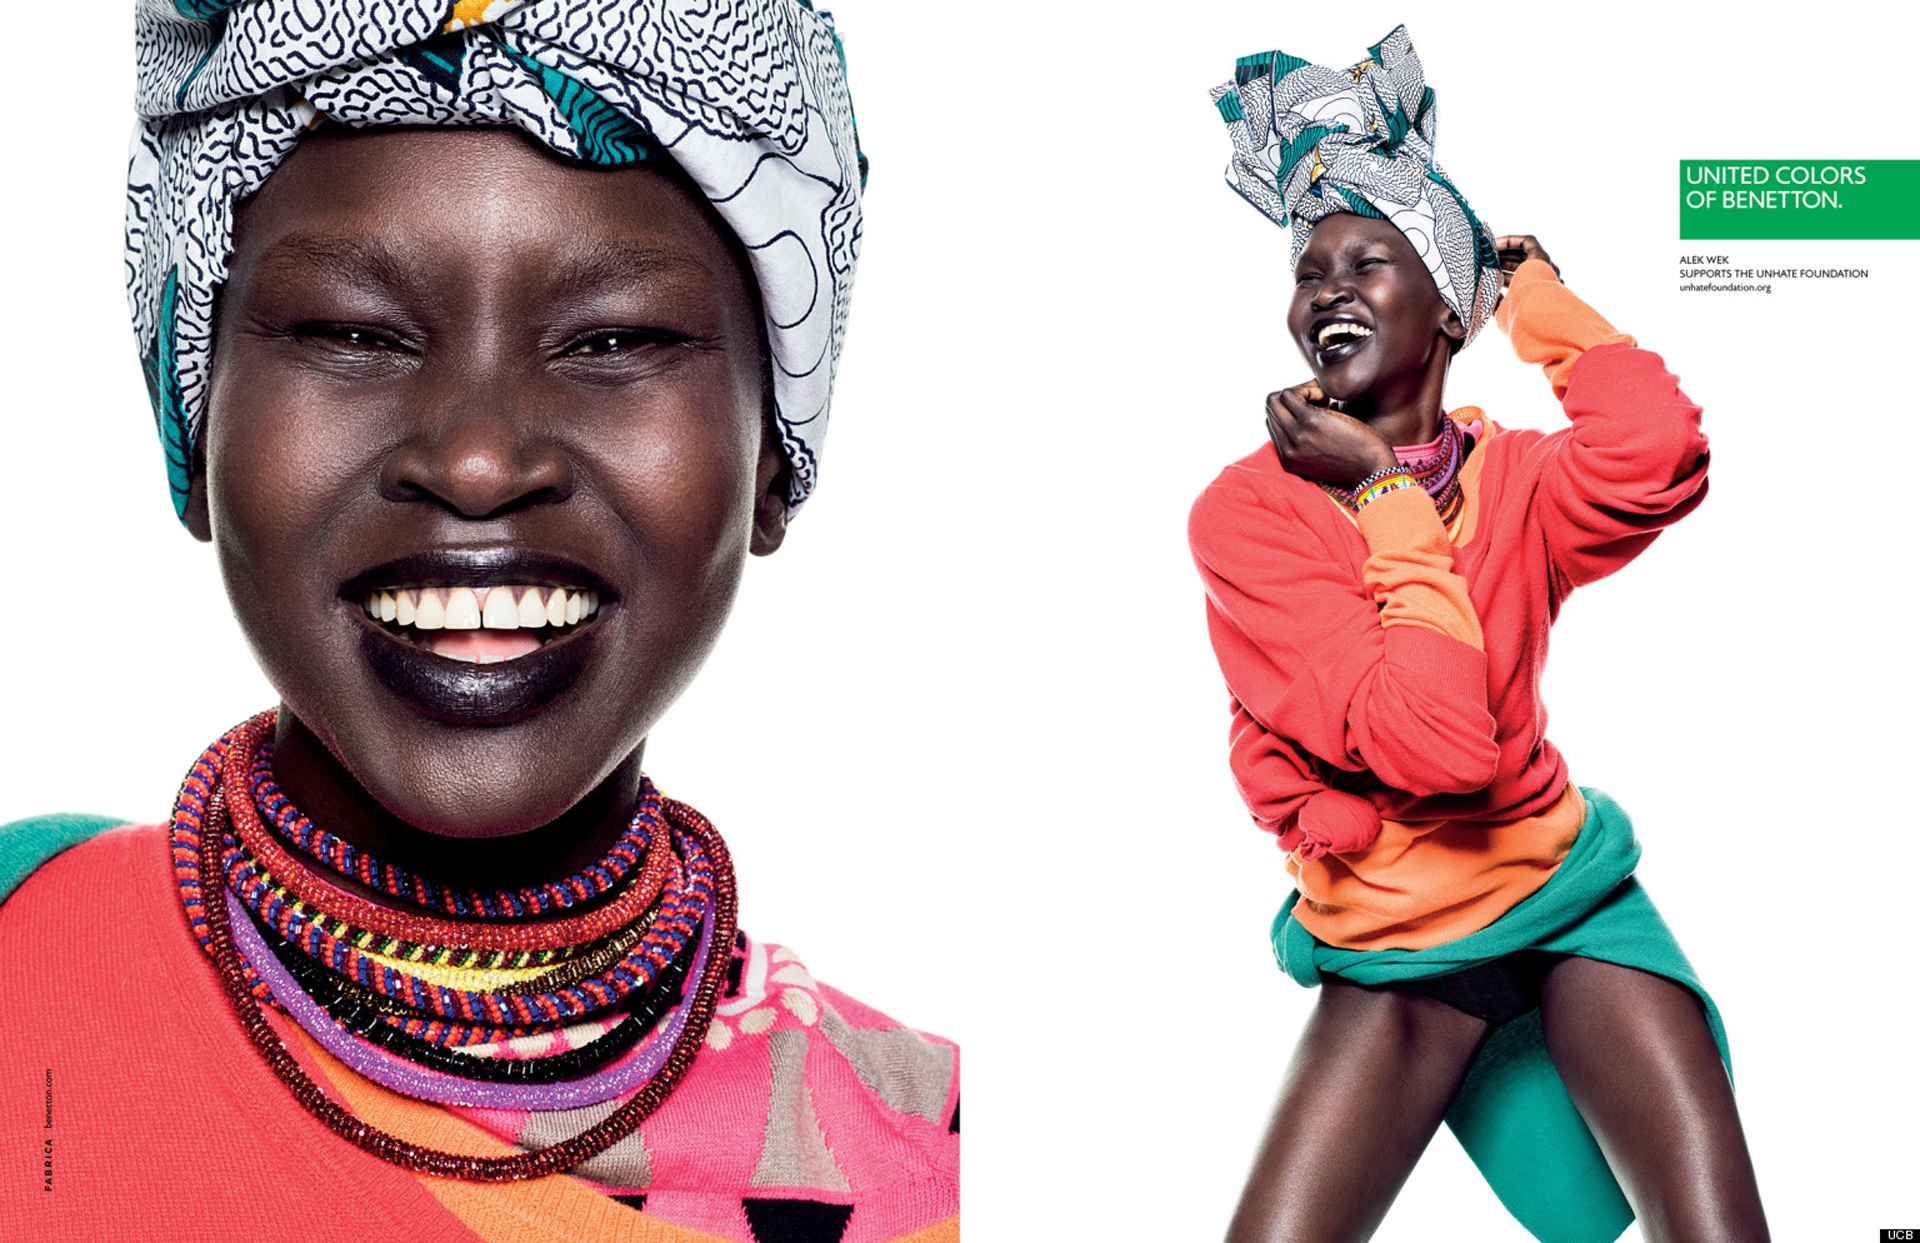 2013. La modelo Alek Wek, fotografiada por Giulio Rustichelli, participó de la campaña a puro color para la temporada de Benetton del 2013. Colores estridentes que resaltaban el color de su piel y un original turbante, intentaban vender la ropa de la nueva colección